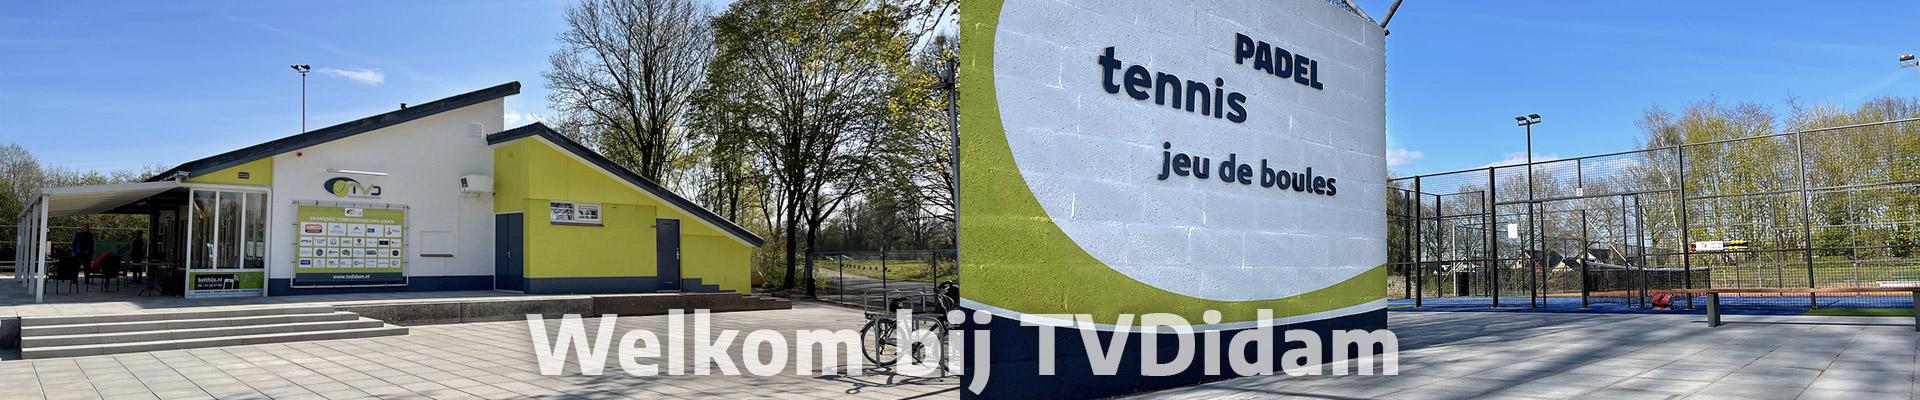 Welkom bij TVDidam